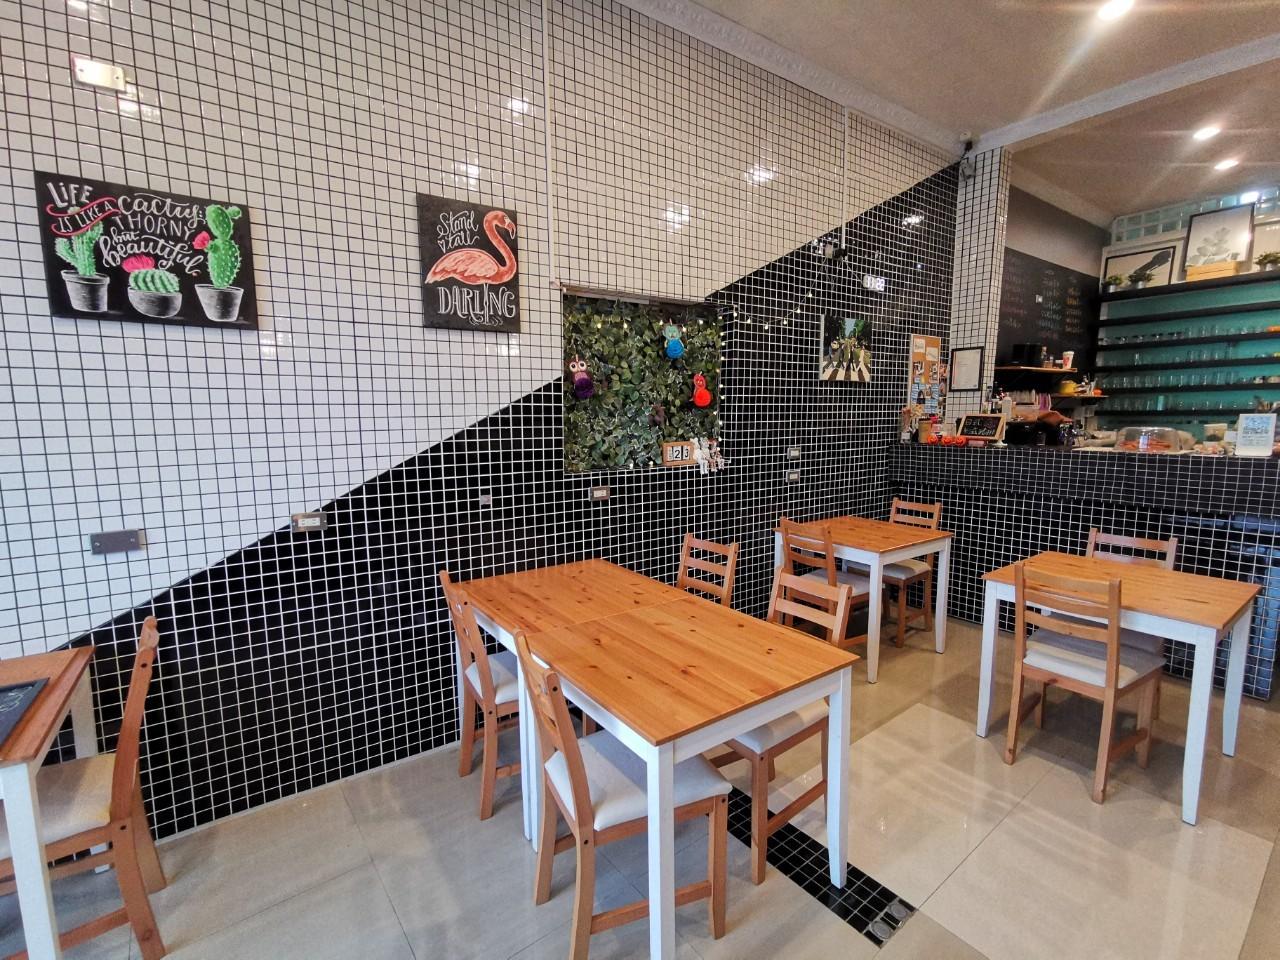 新北八里網美打卡景點美食餐廳 藍點咖啡 BLUE SPECK CAFE 3